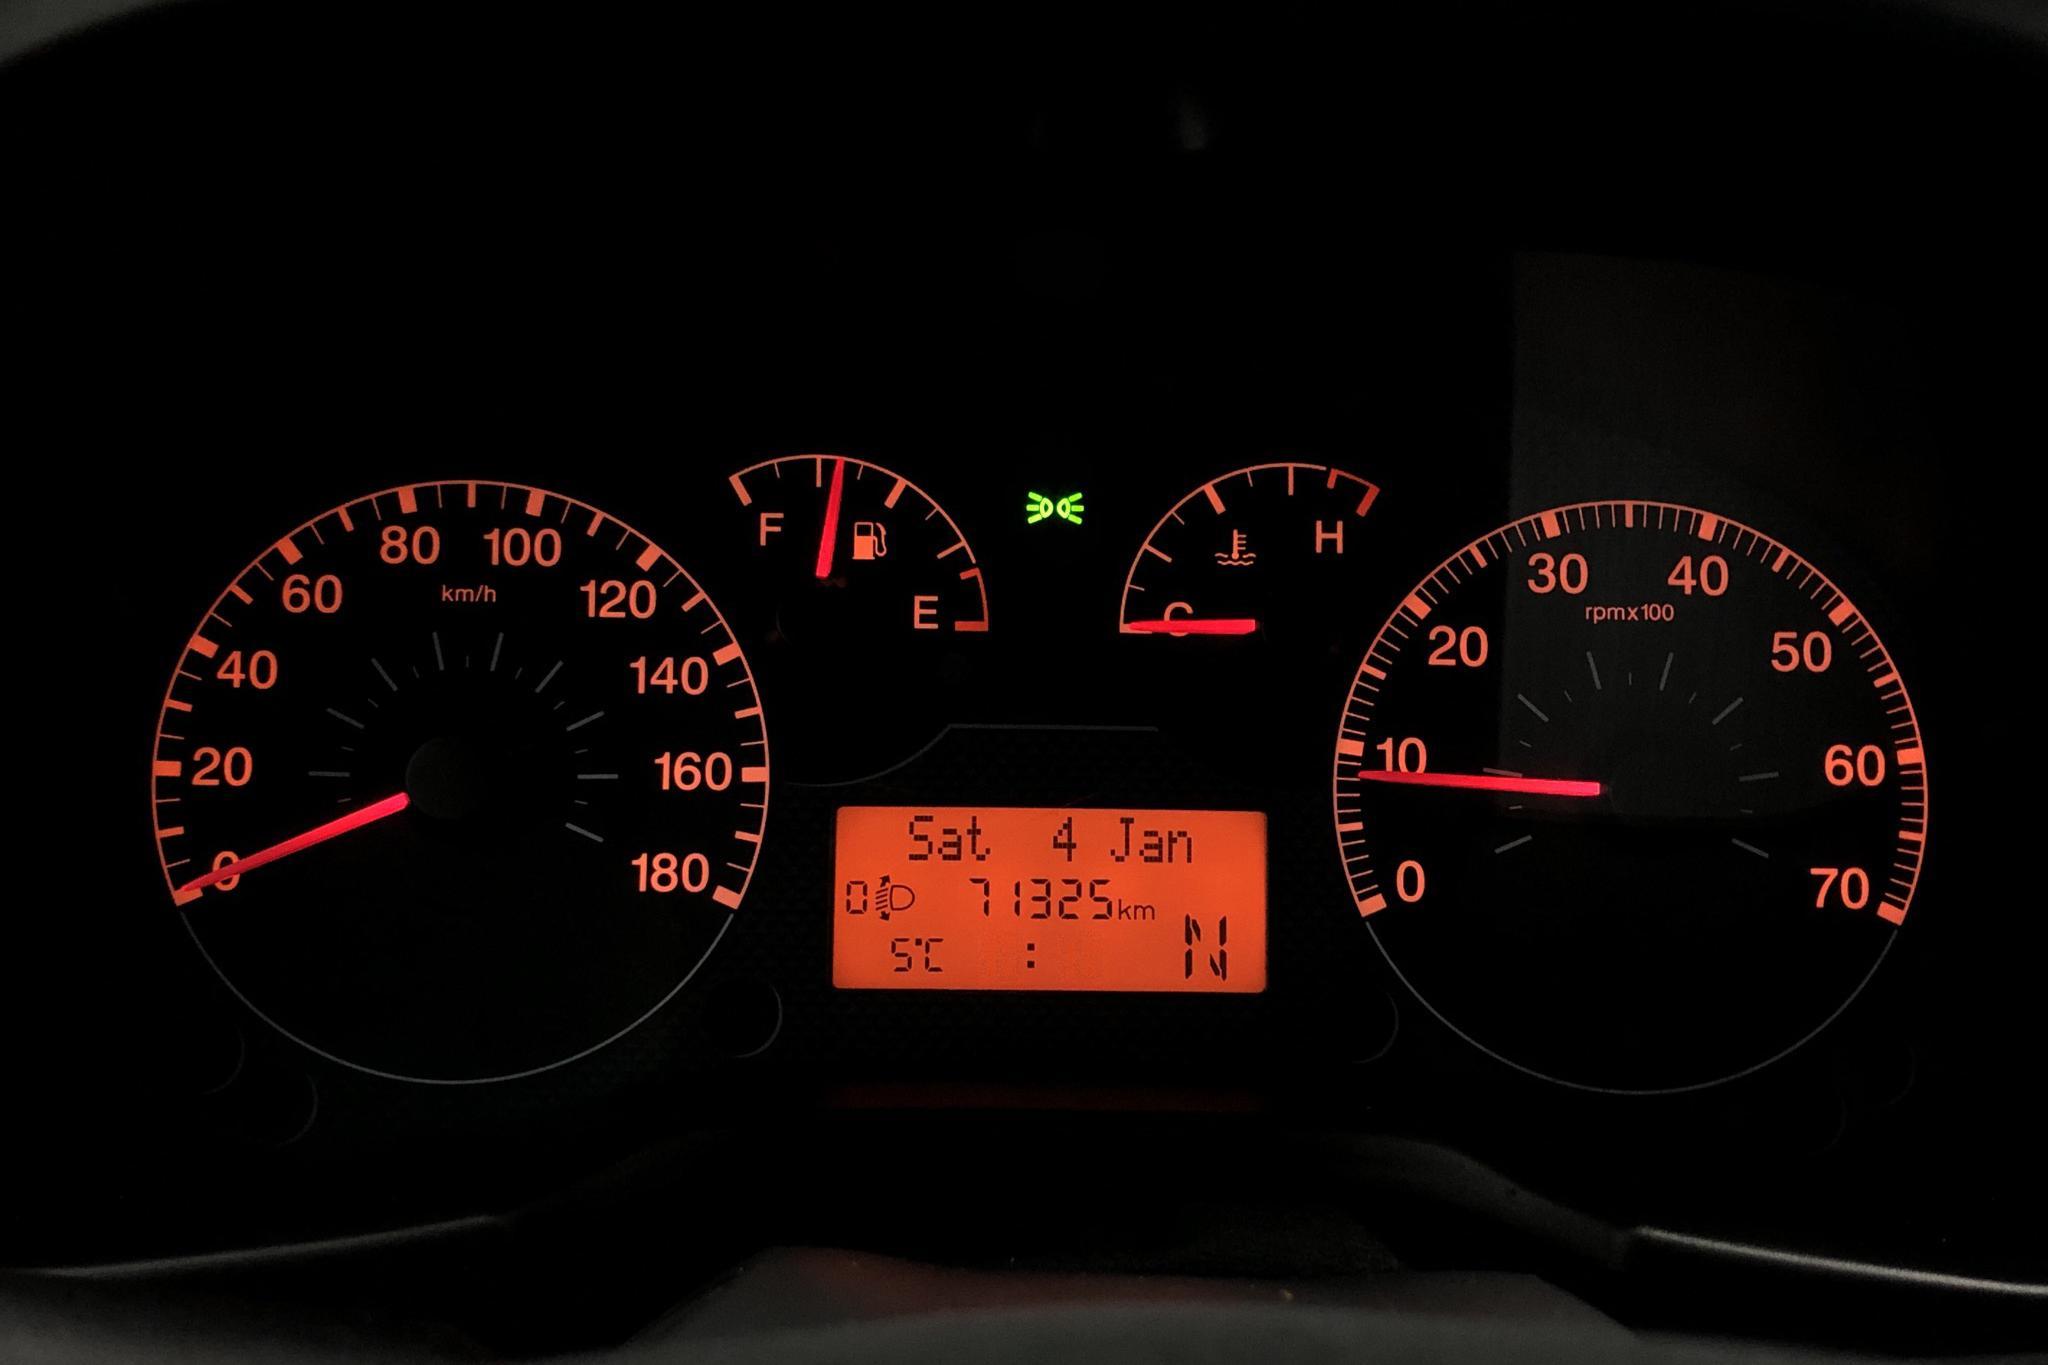 Citroen Nemo 1.4 HDI Skåp (70hk) - 71 320 km - Automatic - red - 2010